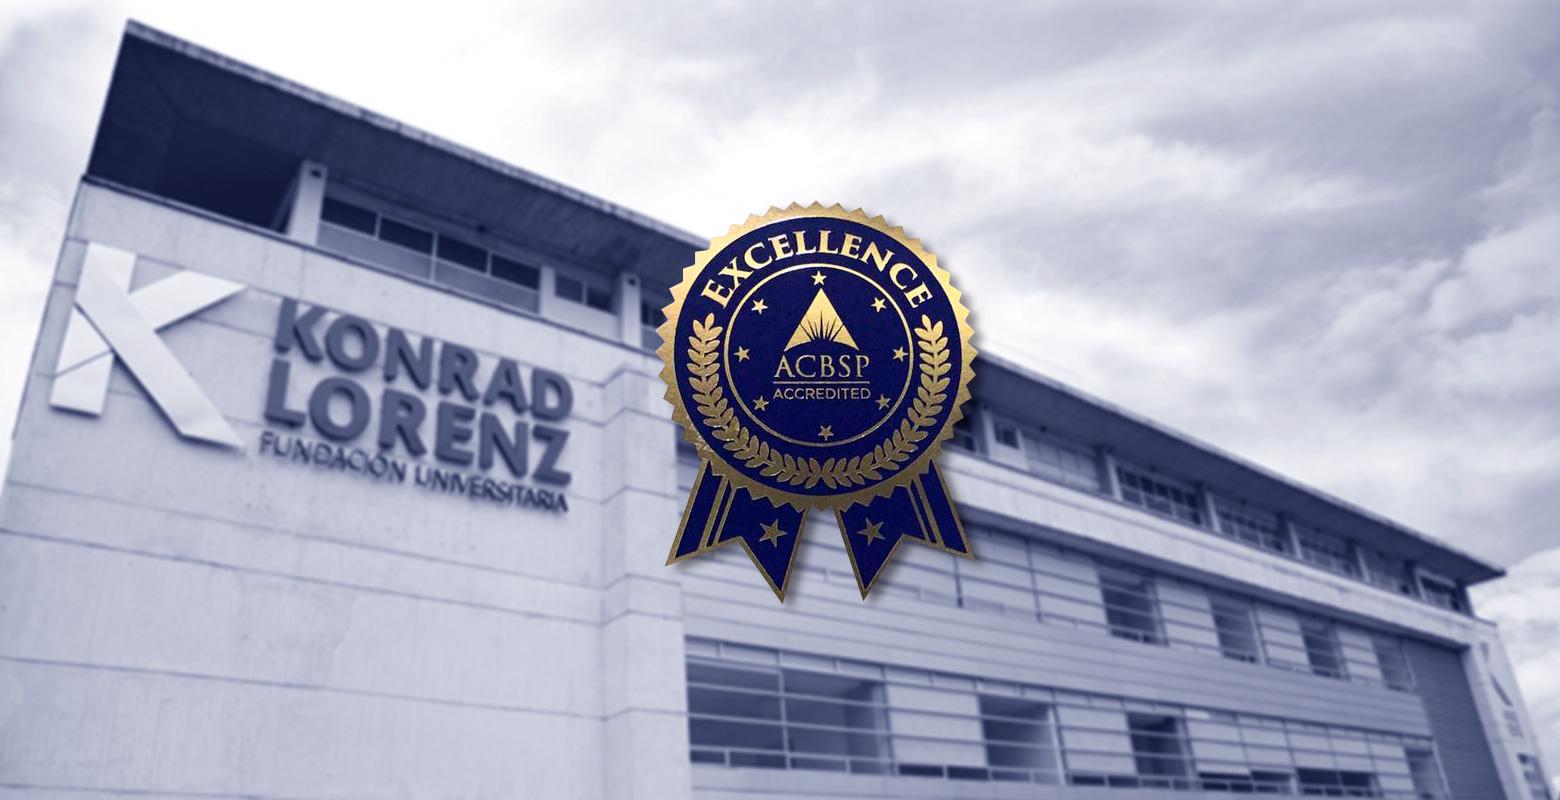 Entrega de Acreditción Internacional ACBSP a la Escuela de Negocios de la Konrad Lorenz